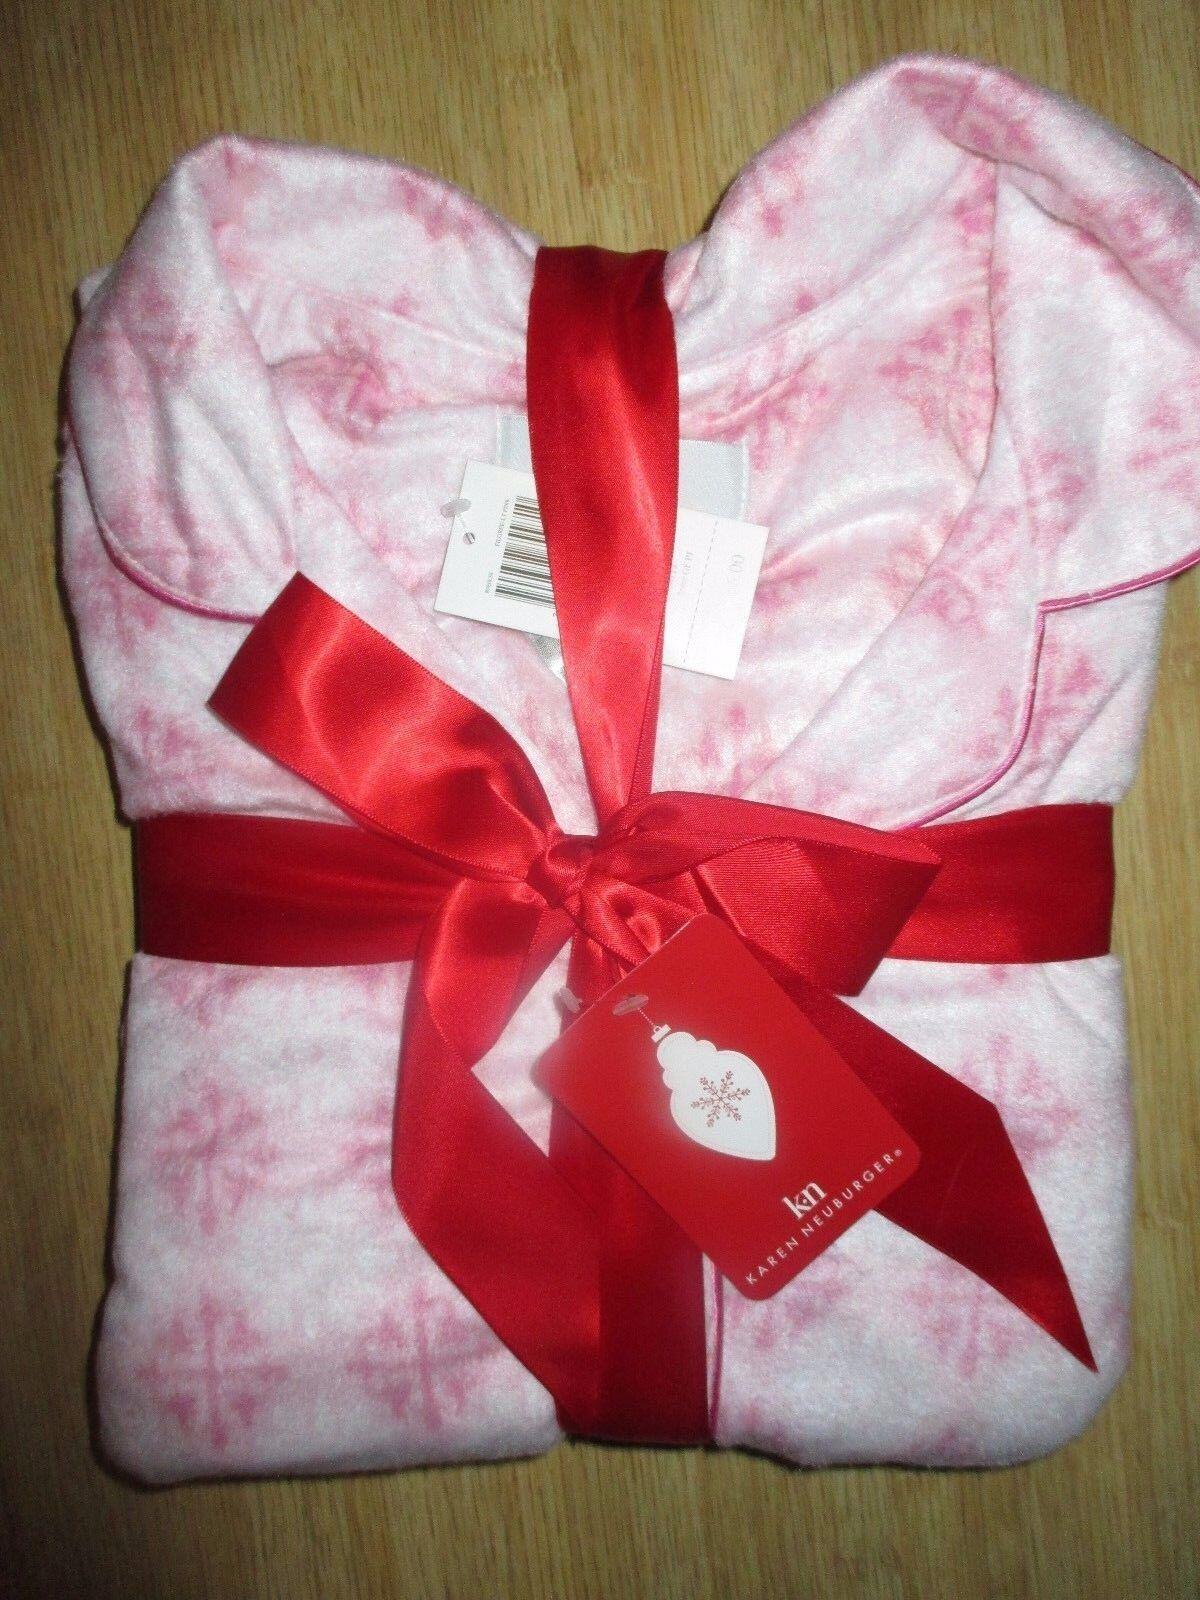 NEW KAREN NEUBURGER XL FLEECE Pajamas L S PJ's LONG PANTS SOFT COZY PINK